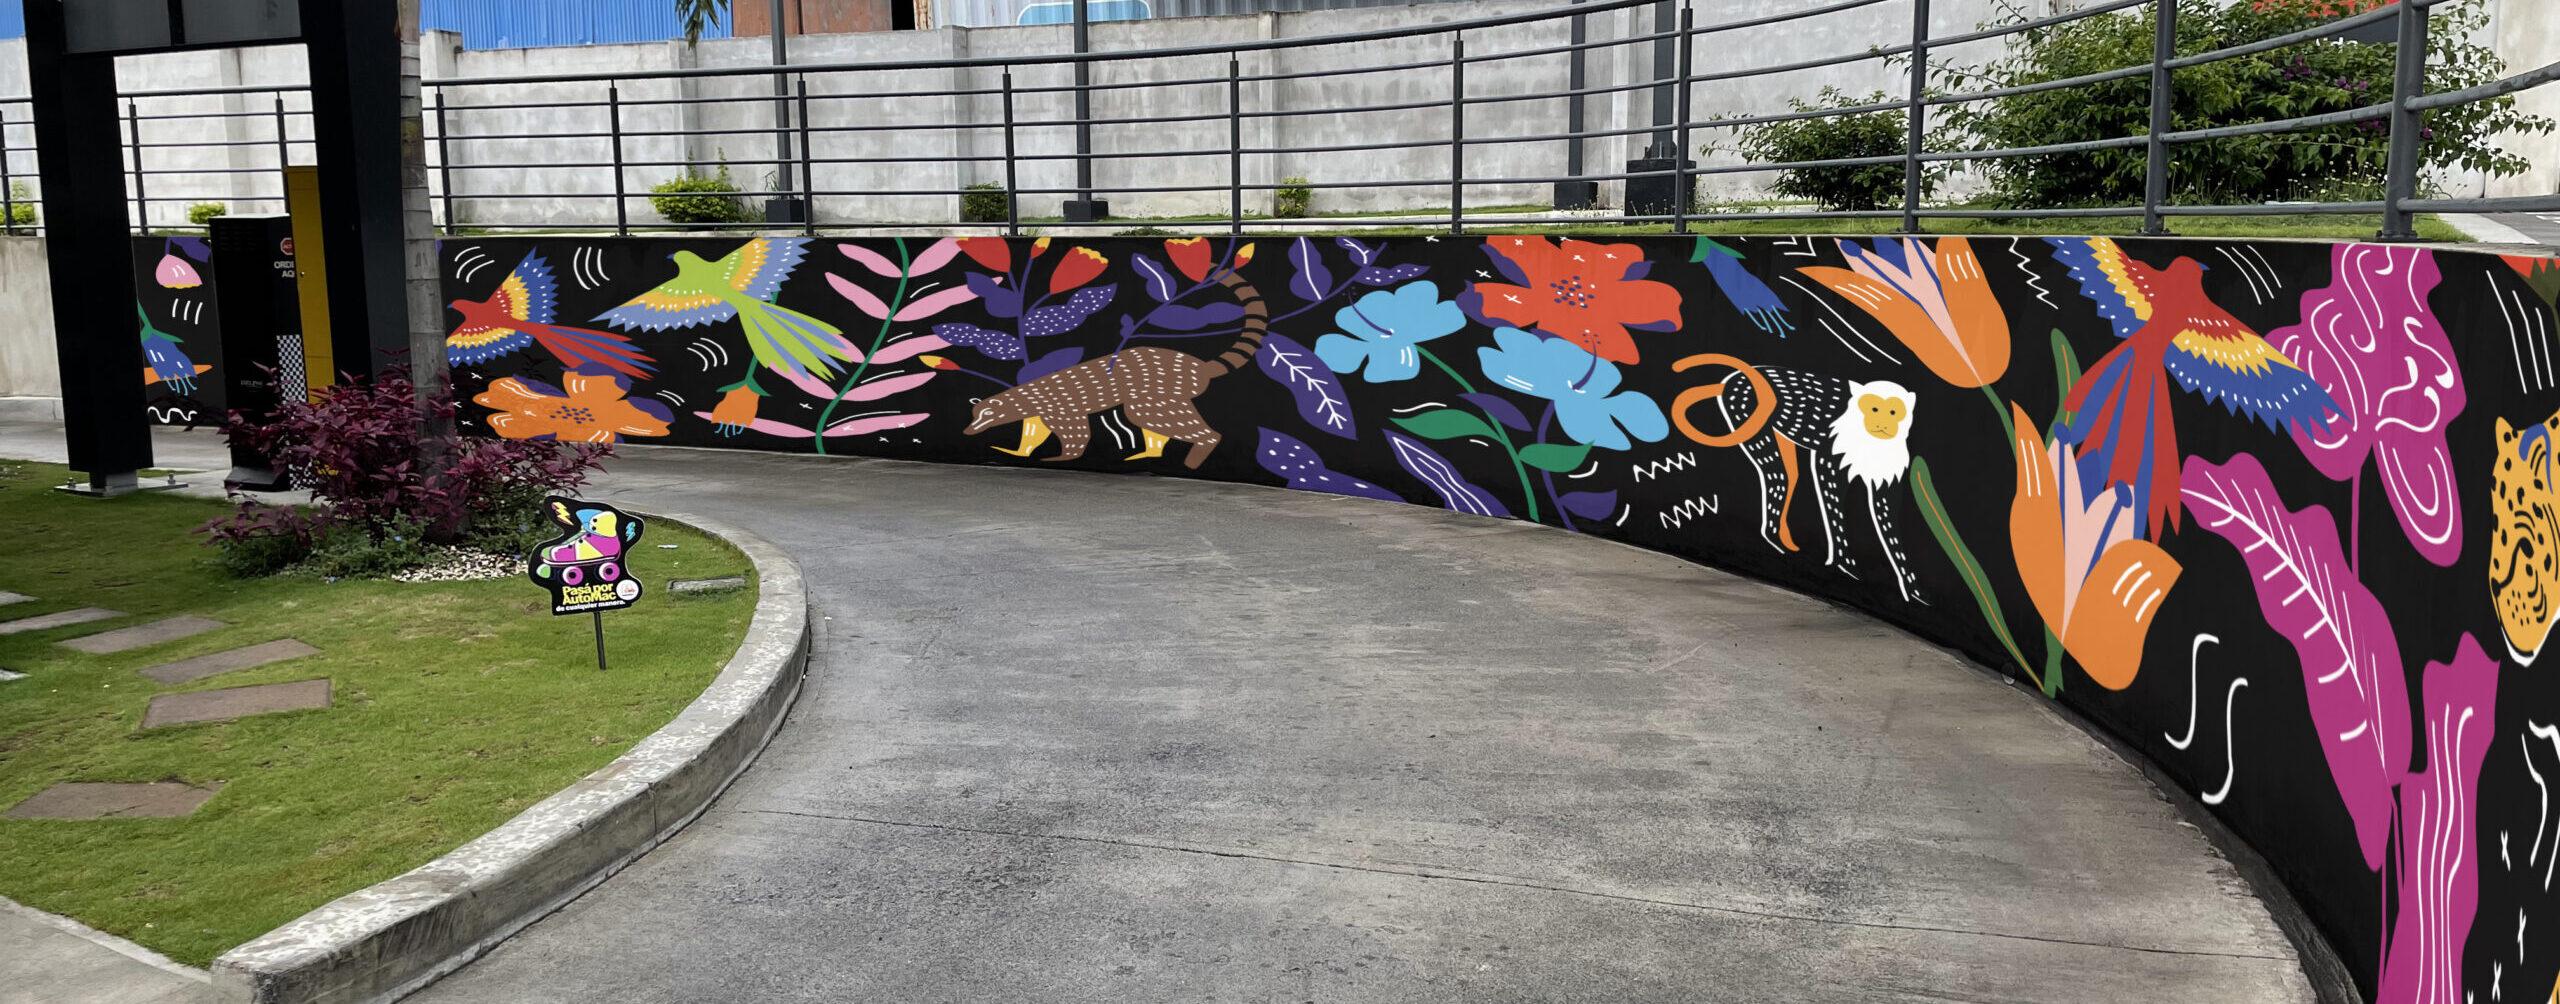 [Costa Rica] Flora y fauna costarricense embellecen segundo mural del proyecto PaseArte por Mc